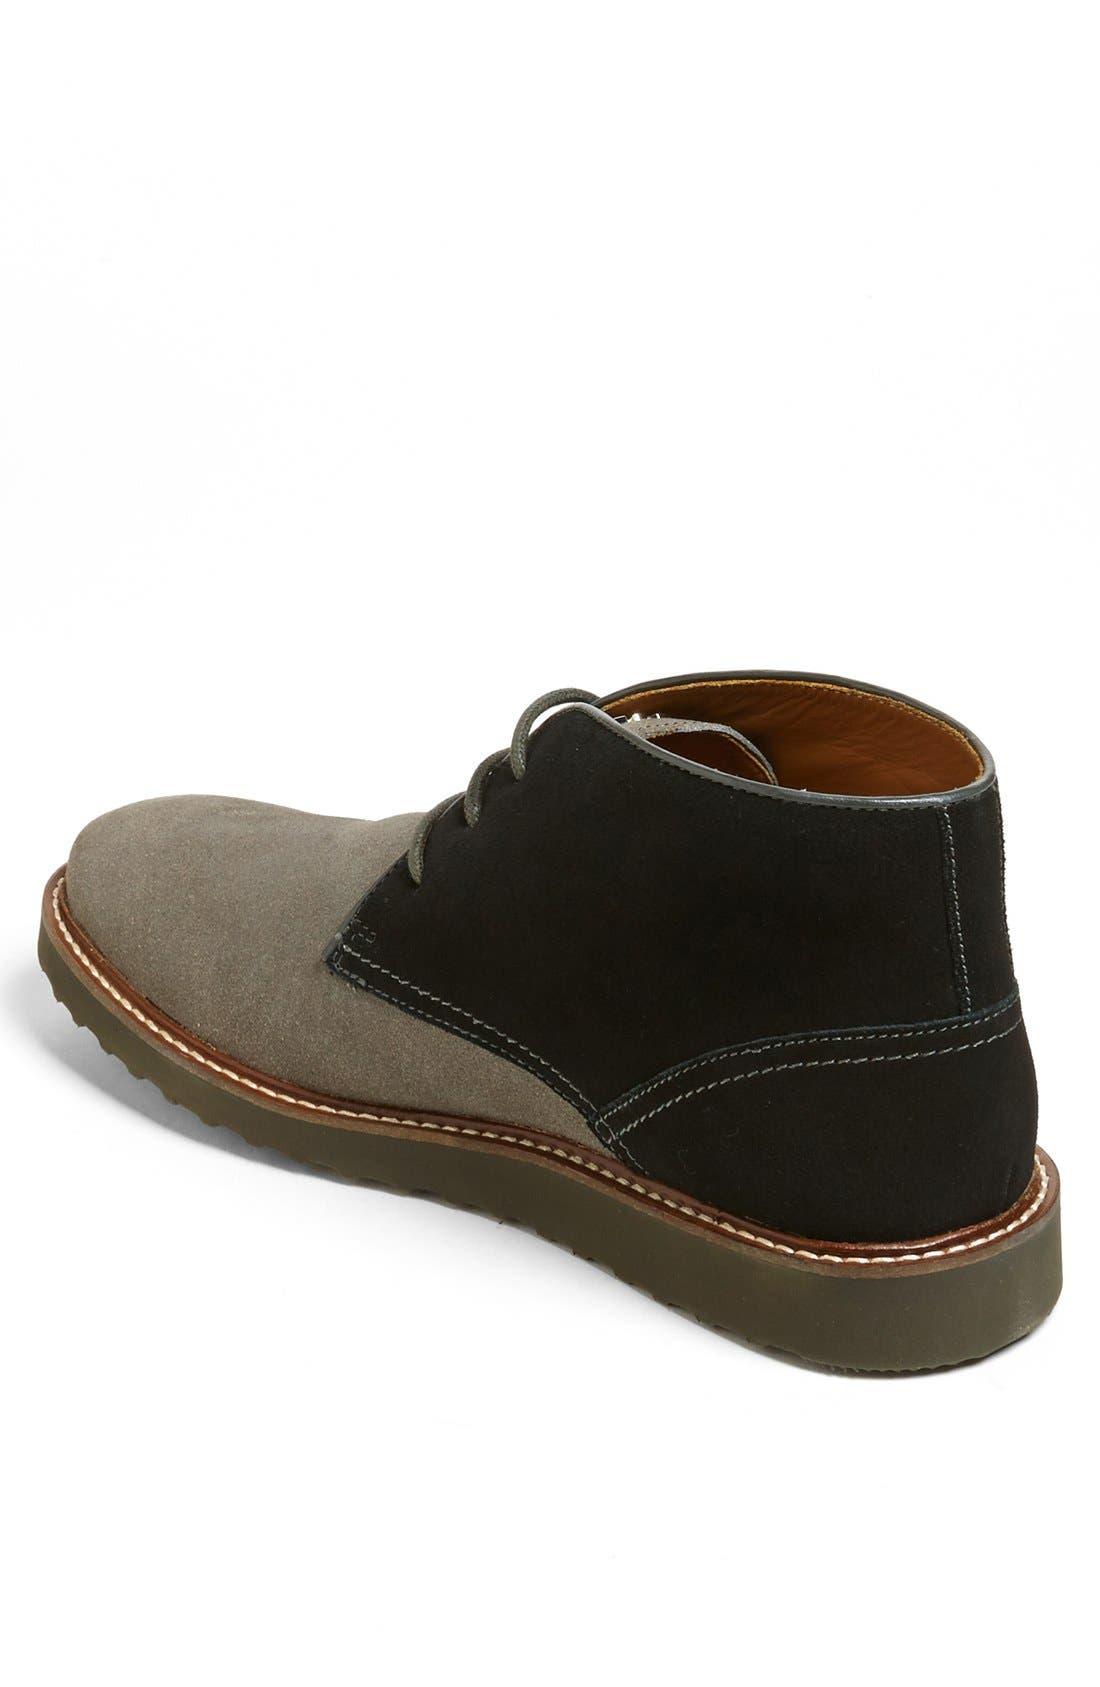 Alternate Image 2  - Armani Jeans 'Desert' Chukka Boot (Men)